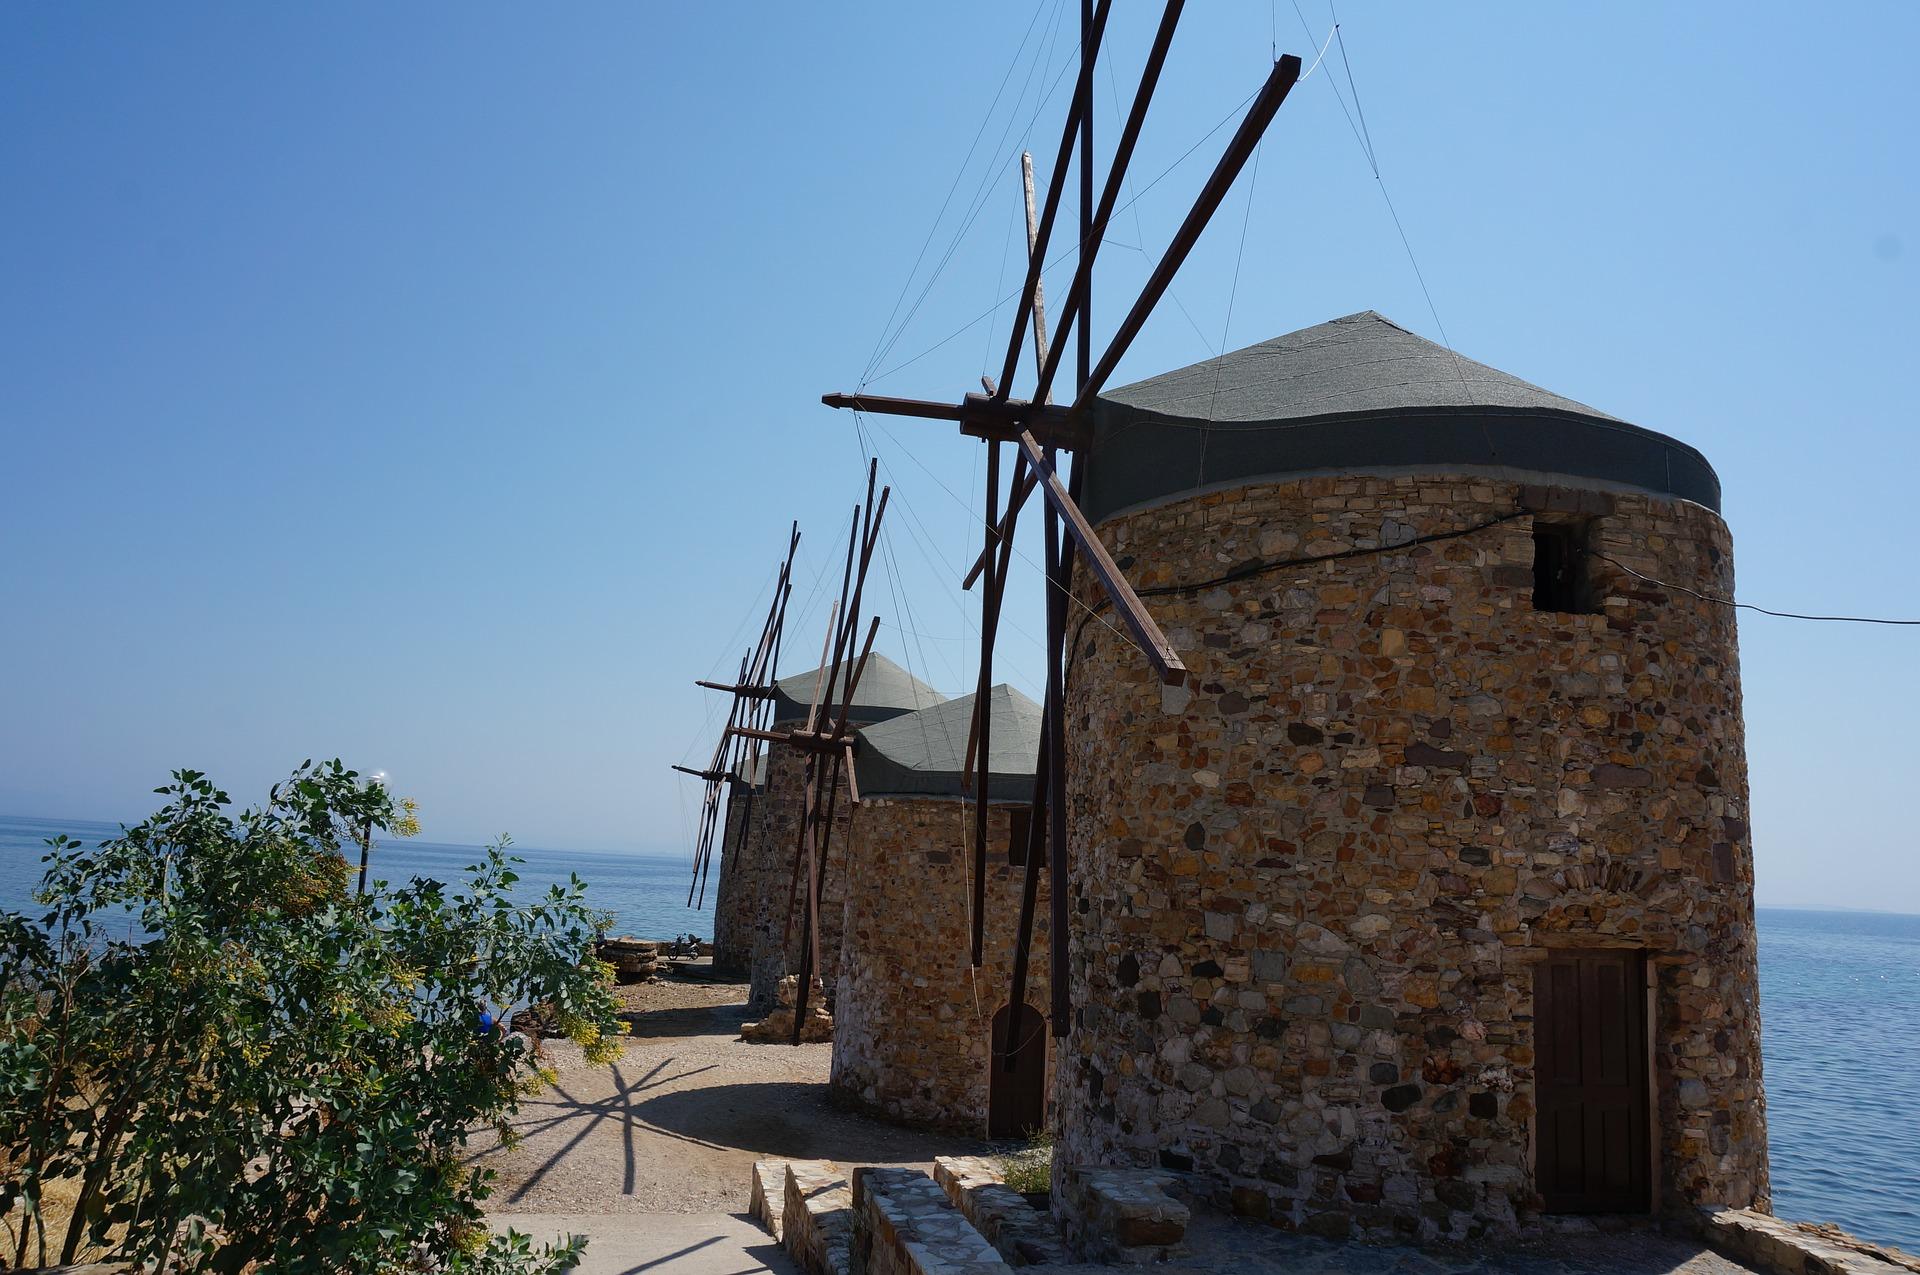 greece-2007911_1920.jpg